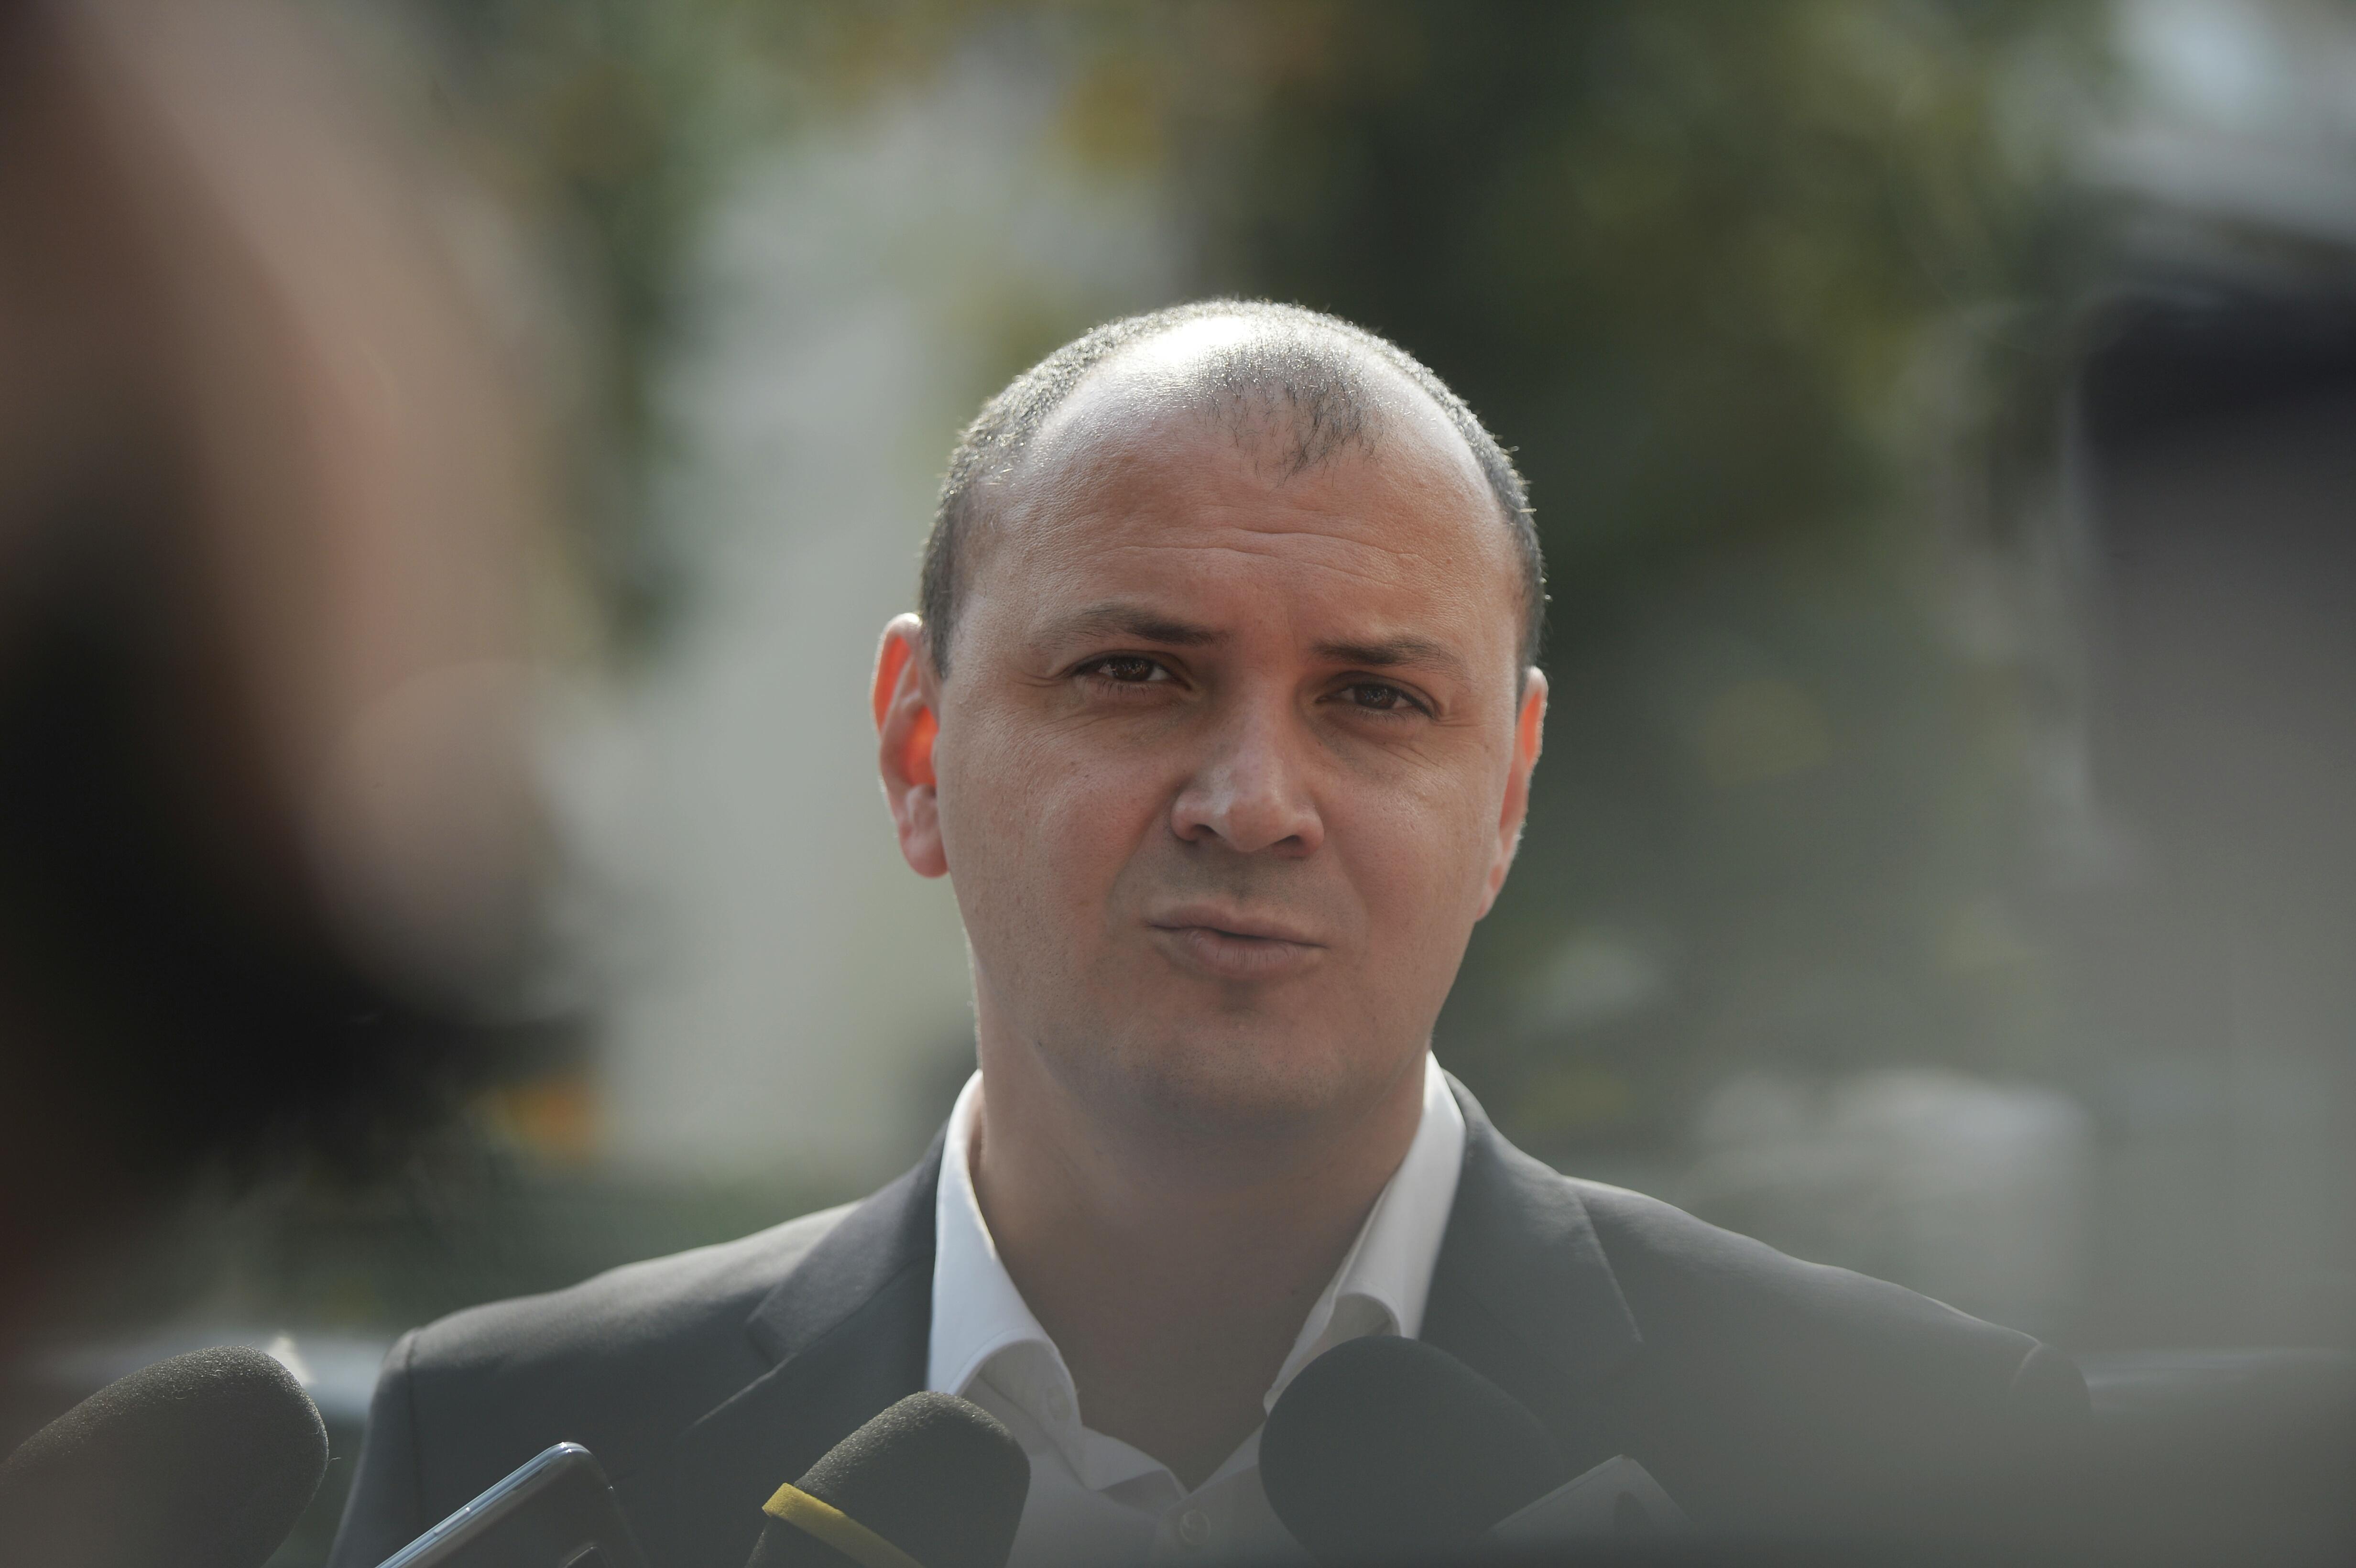 Interdicţia începerii dizolvării firmelor din dosarul lui Sebastian Ghiţă, prelungită